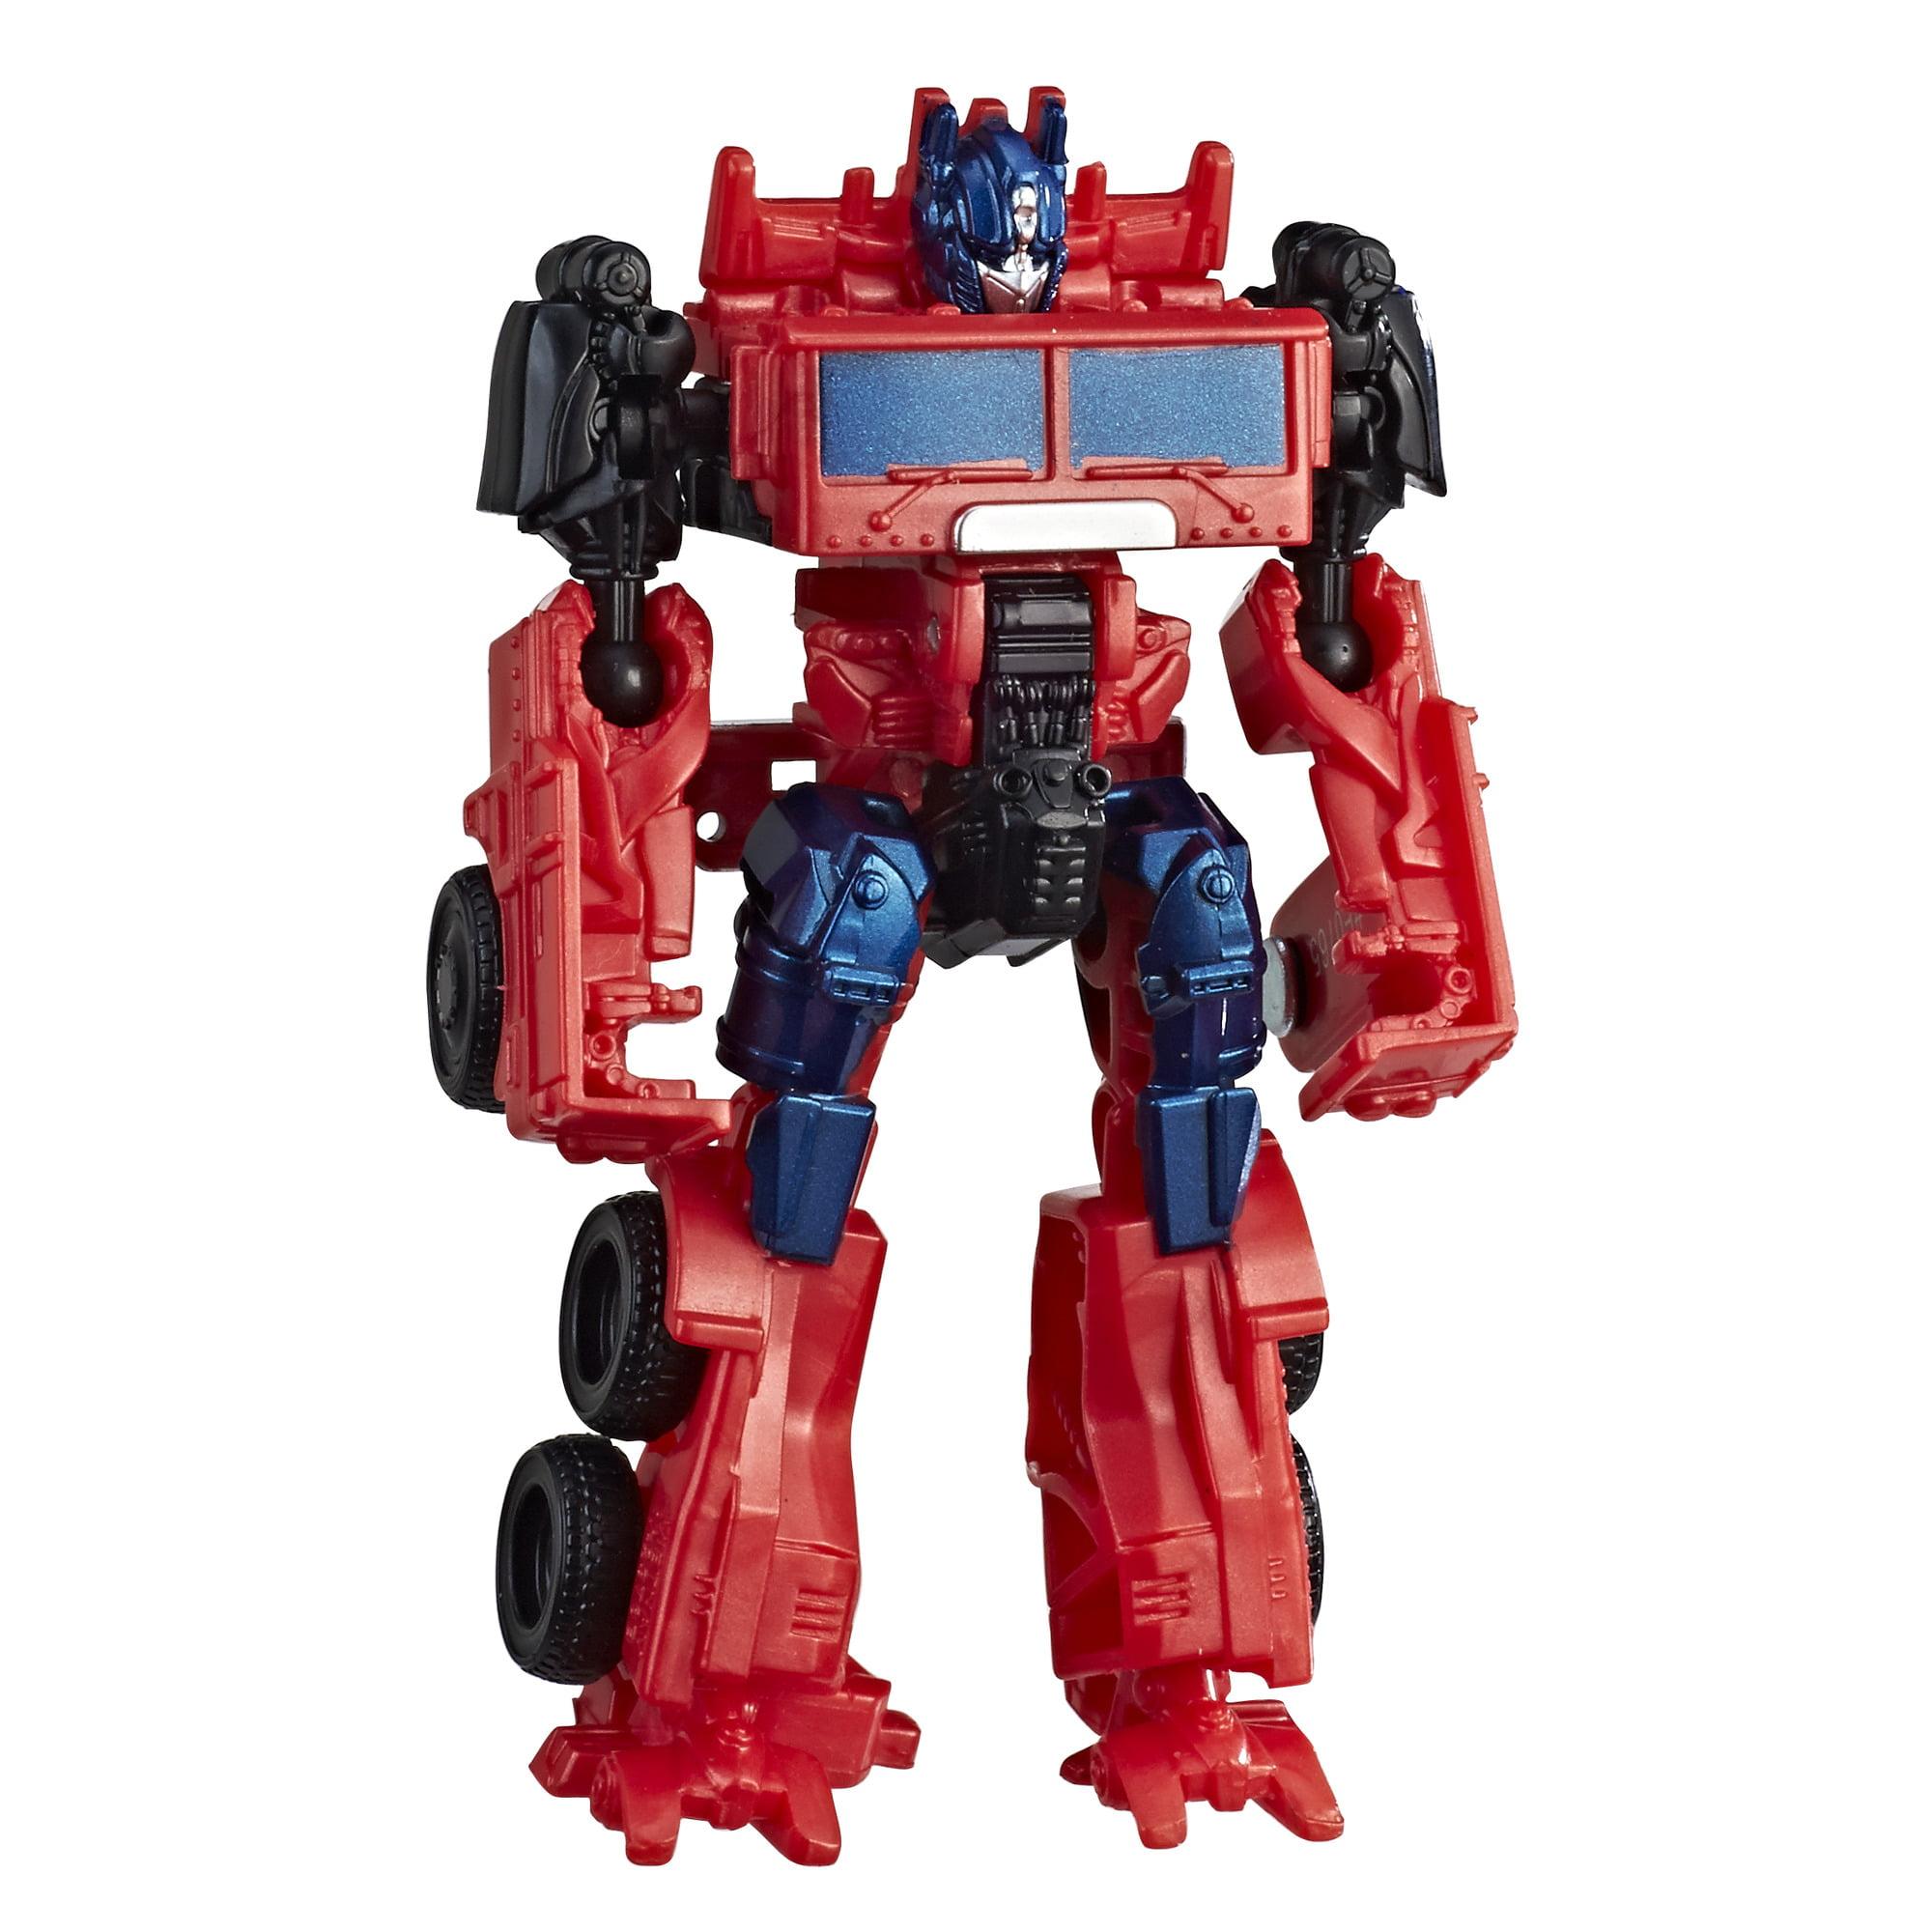 Transformers Bumblebee - Energon Igniters Speed Series Optimus Prime